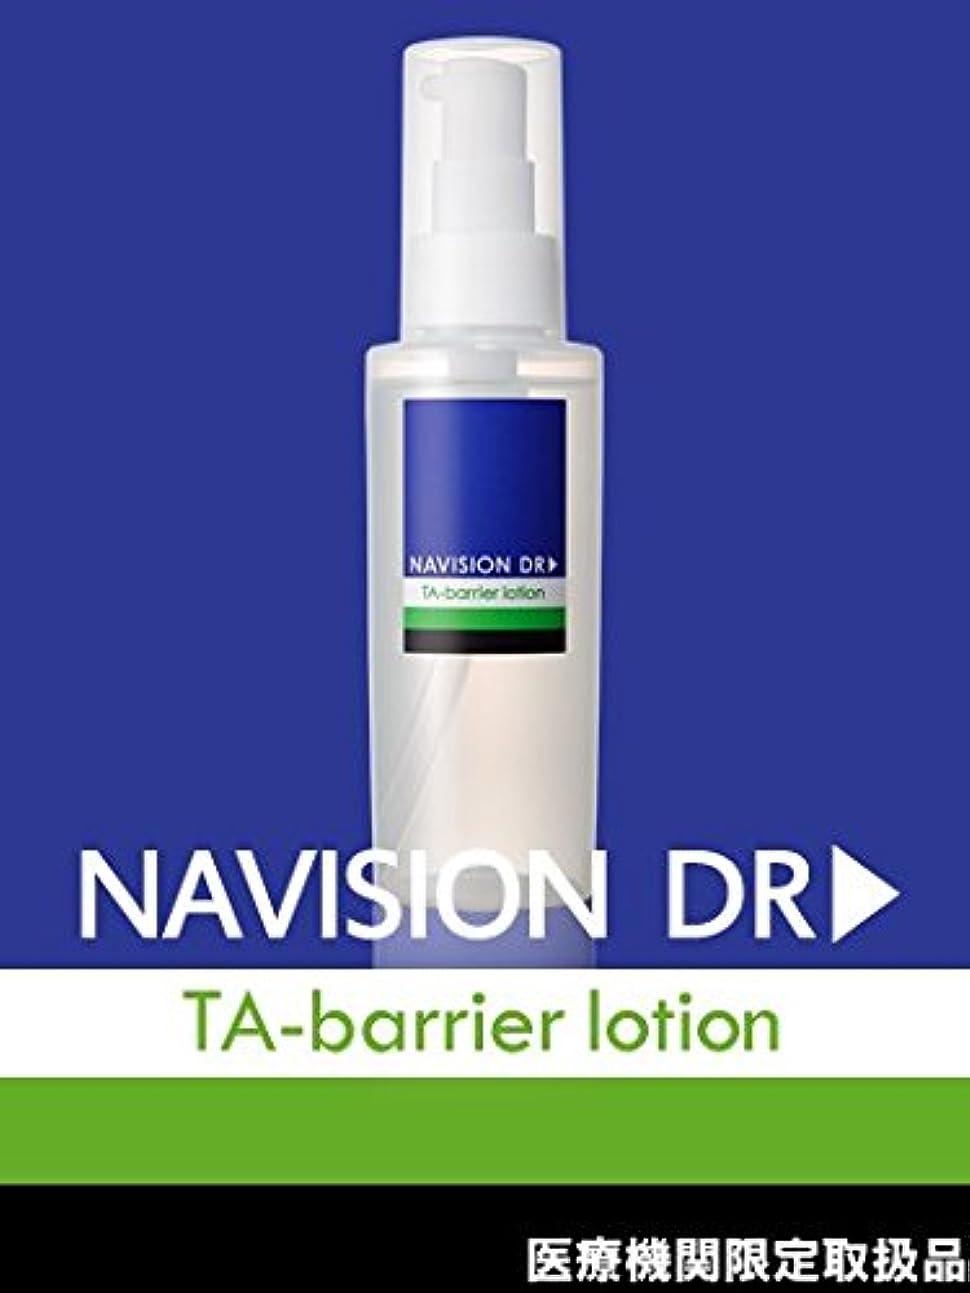 ダイジェスト浸透する徒歩でNAVISION DR? ナビジョンDR TAバリアローション(医薬部外品) 120mL 【医療機関限定取扱品】